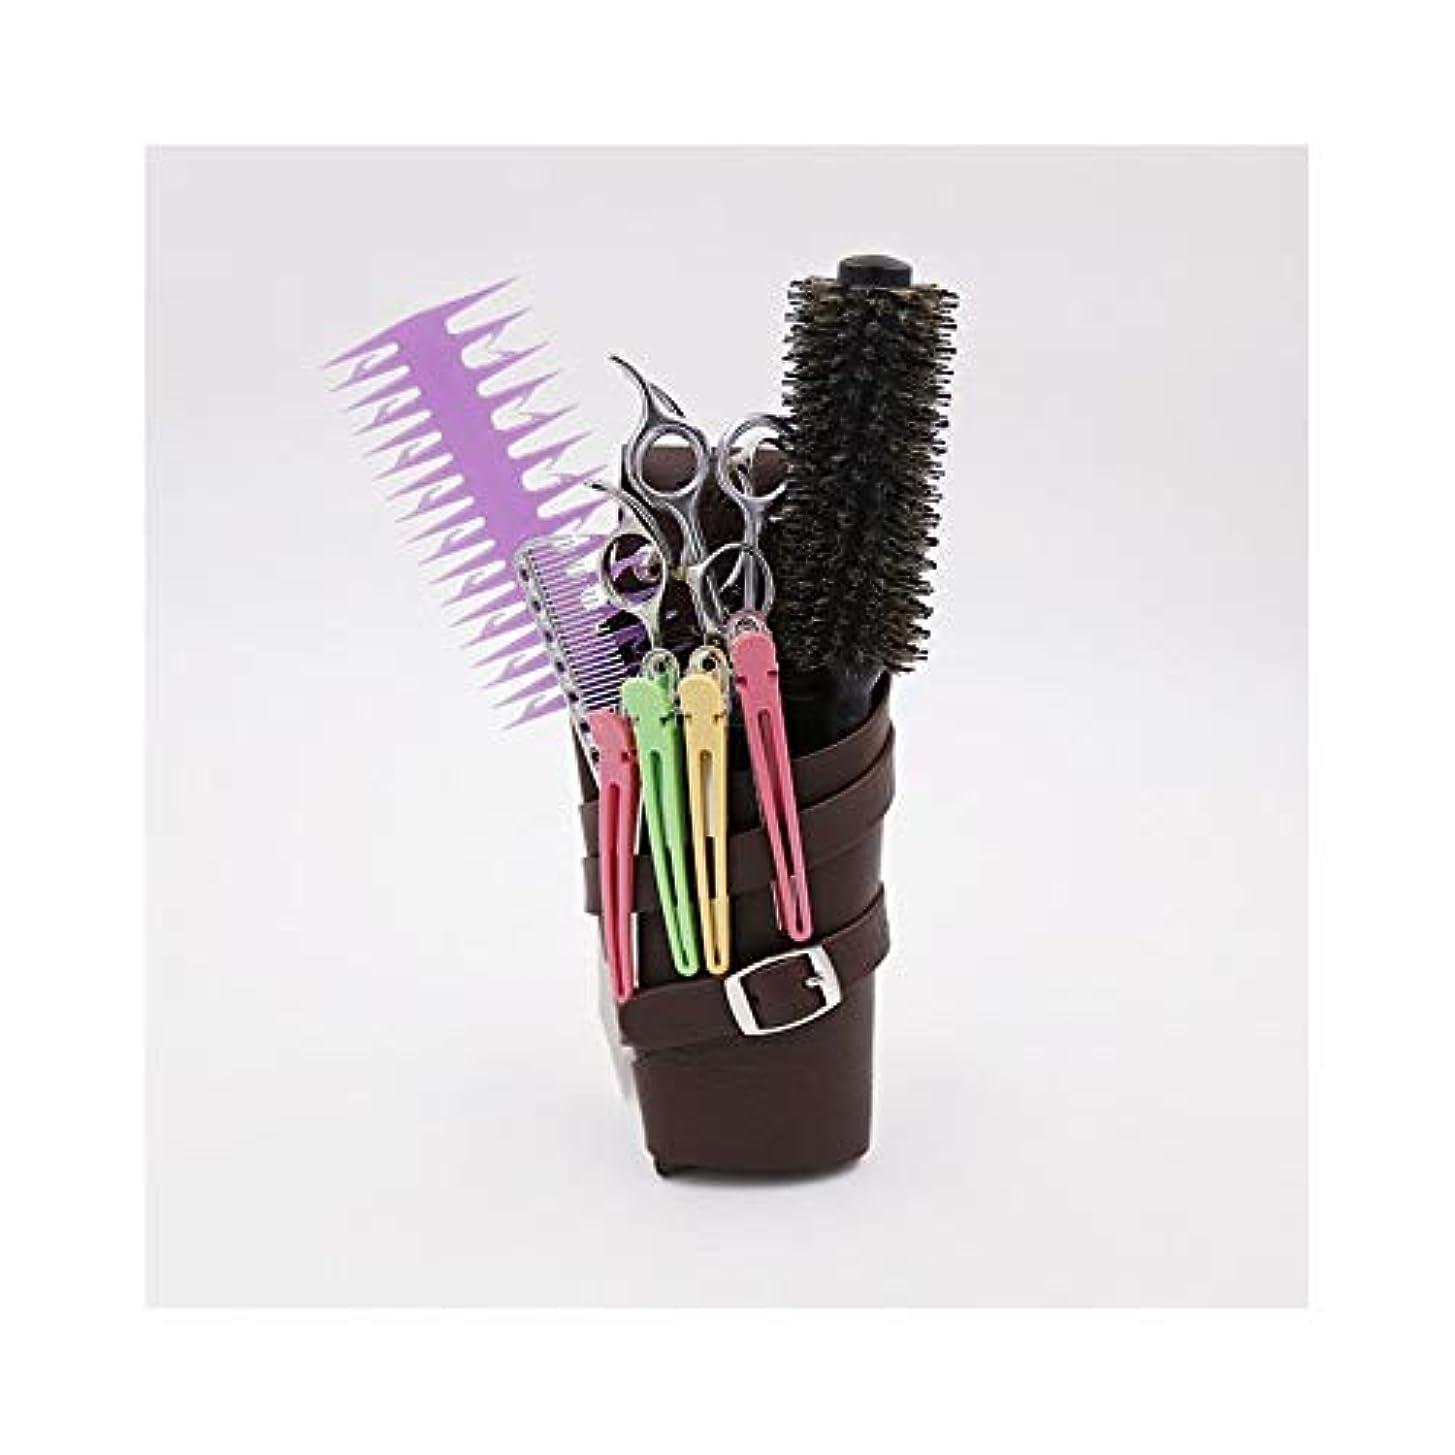 自慢のど調整するショルダーベルト付きヘアスタイリスト自分自身PUレザーヘアシザーホルスター理髪ポーチバッグ モデリングツール (色 : ブラウン)